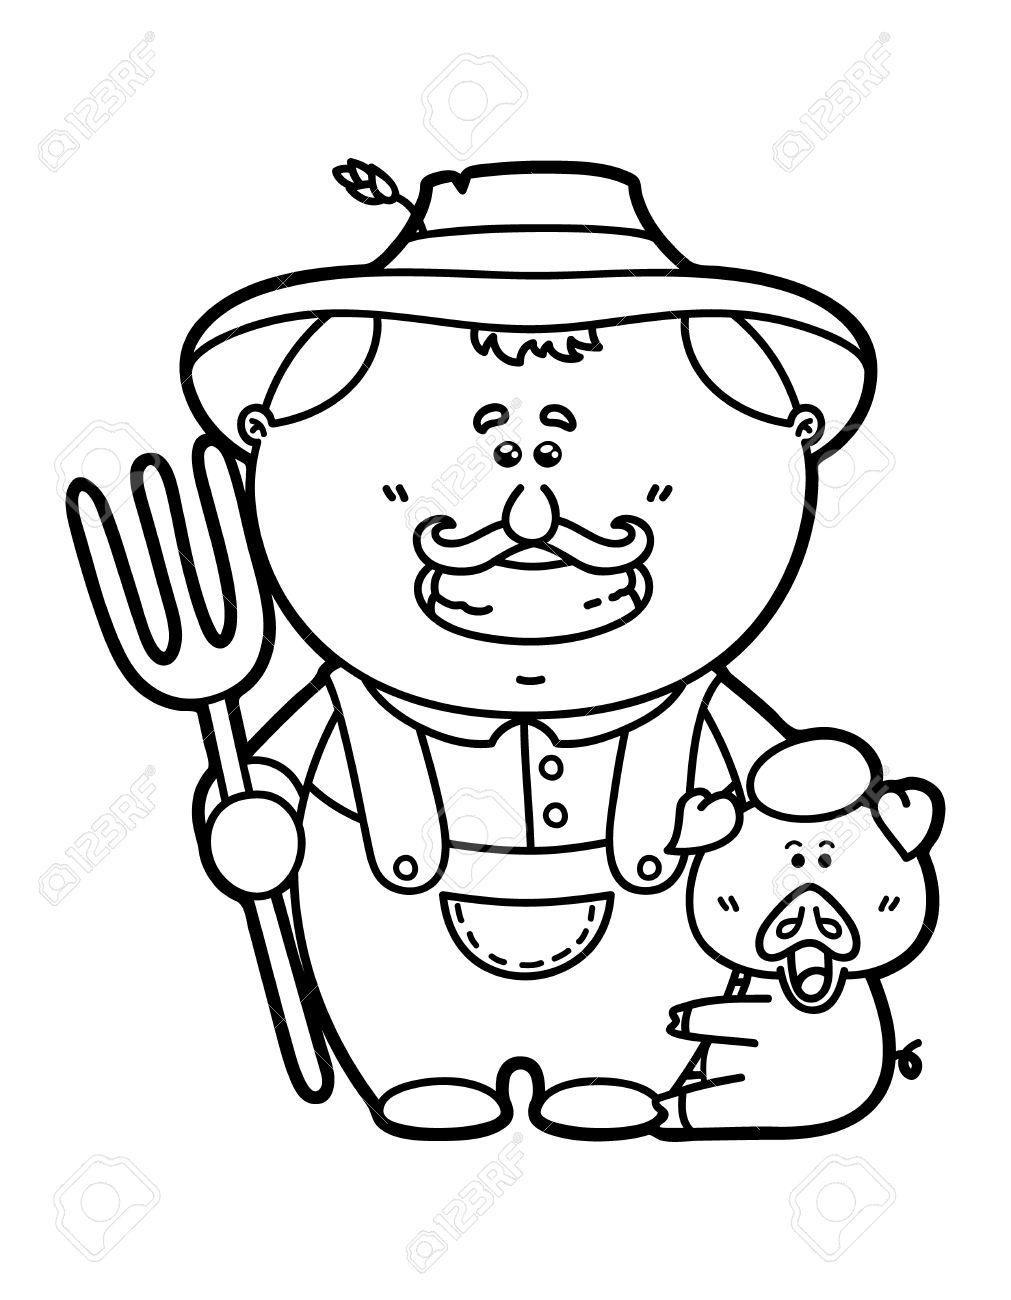 Granjero Divertido Vector Ilustración De La Página Para Colorear De Dibujos Animados Feliz Amigable Granjero Que Sostiene Un Tridente Para Niños Y